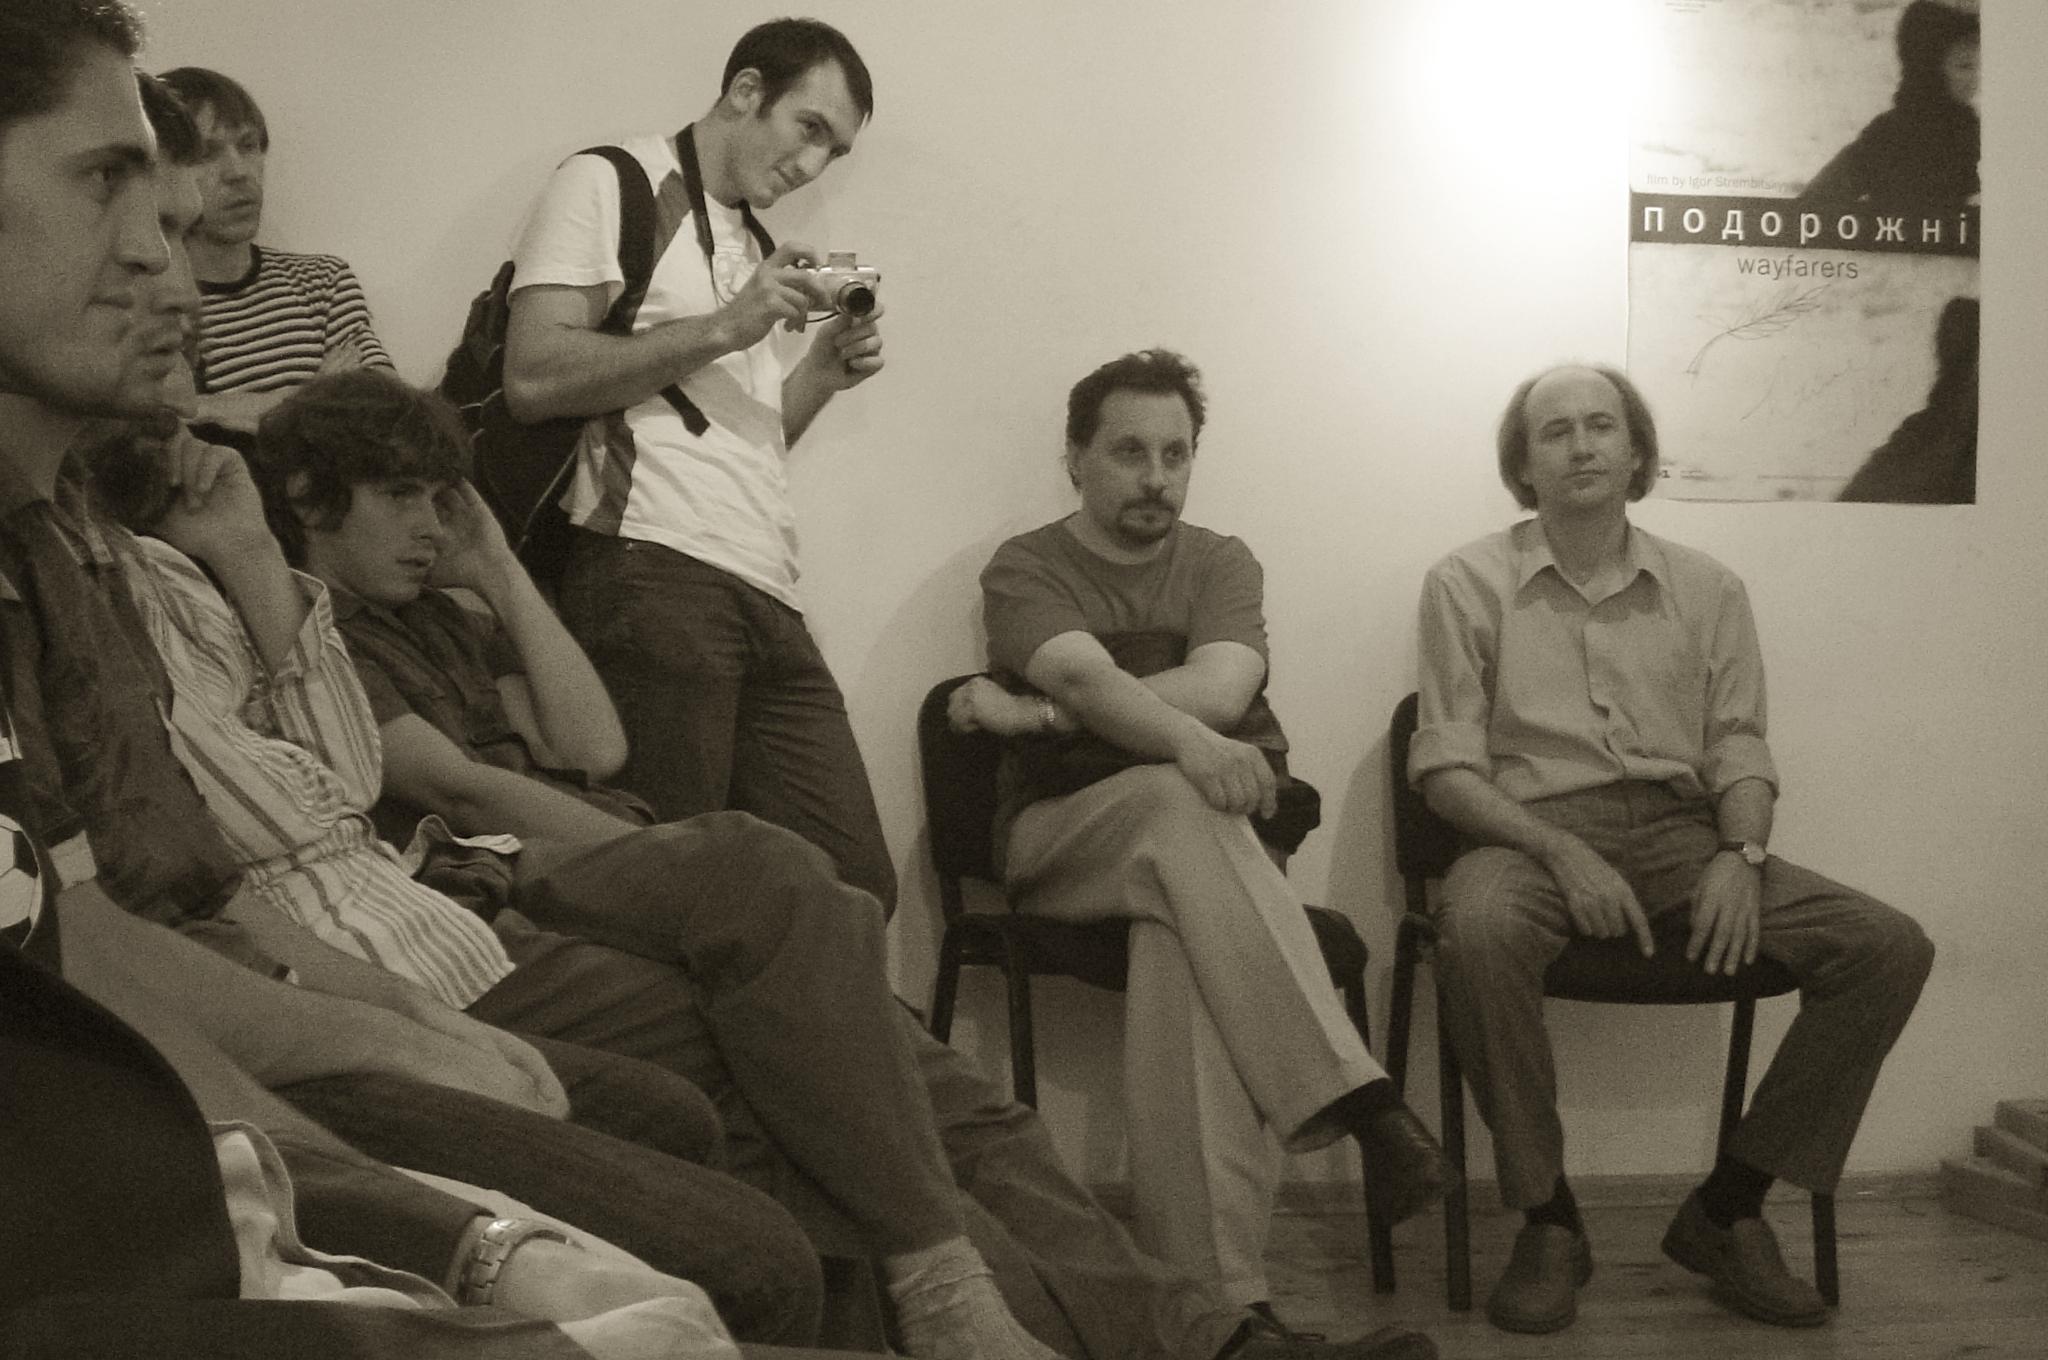 Кіноклуб 12 вересня 2005 2